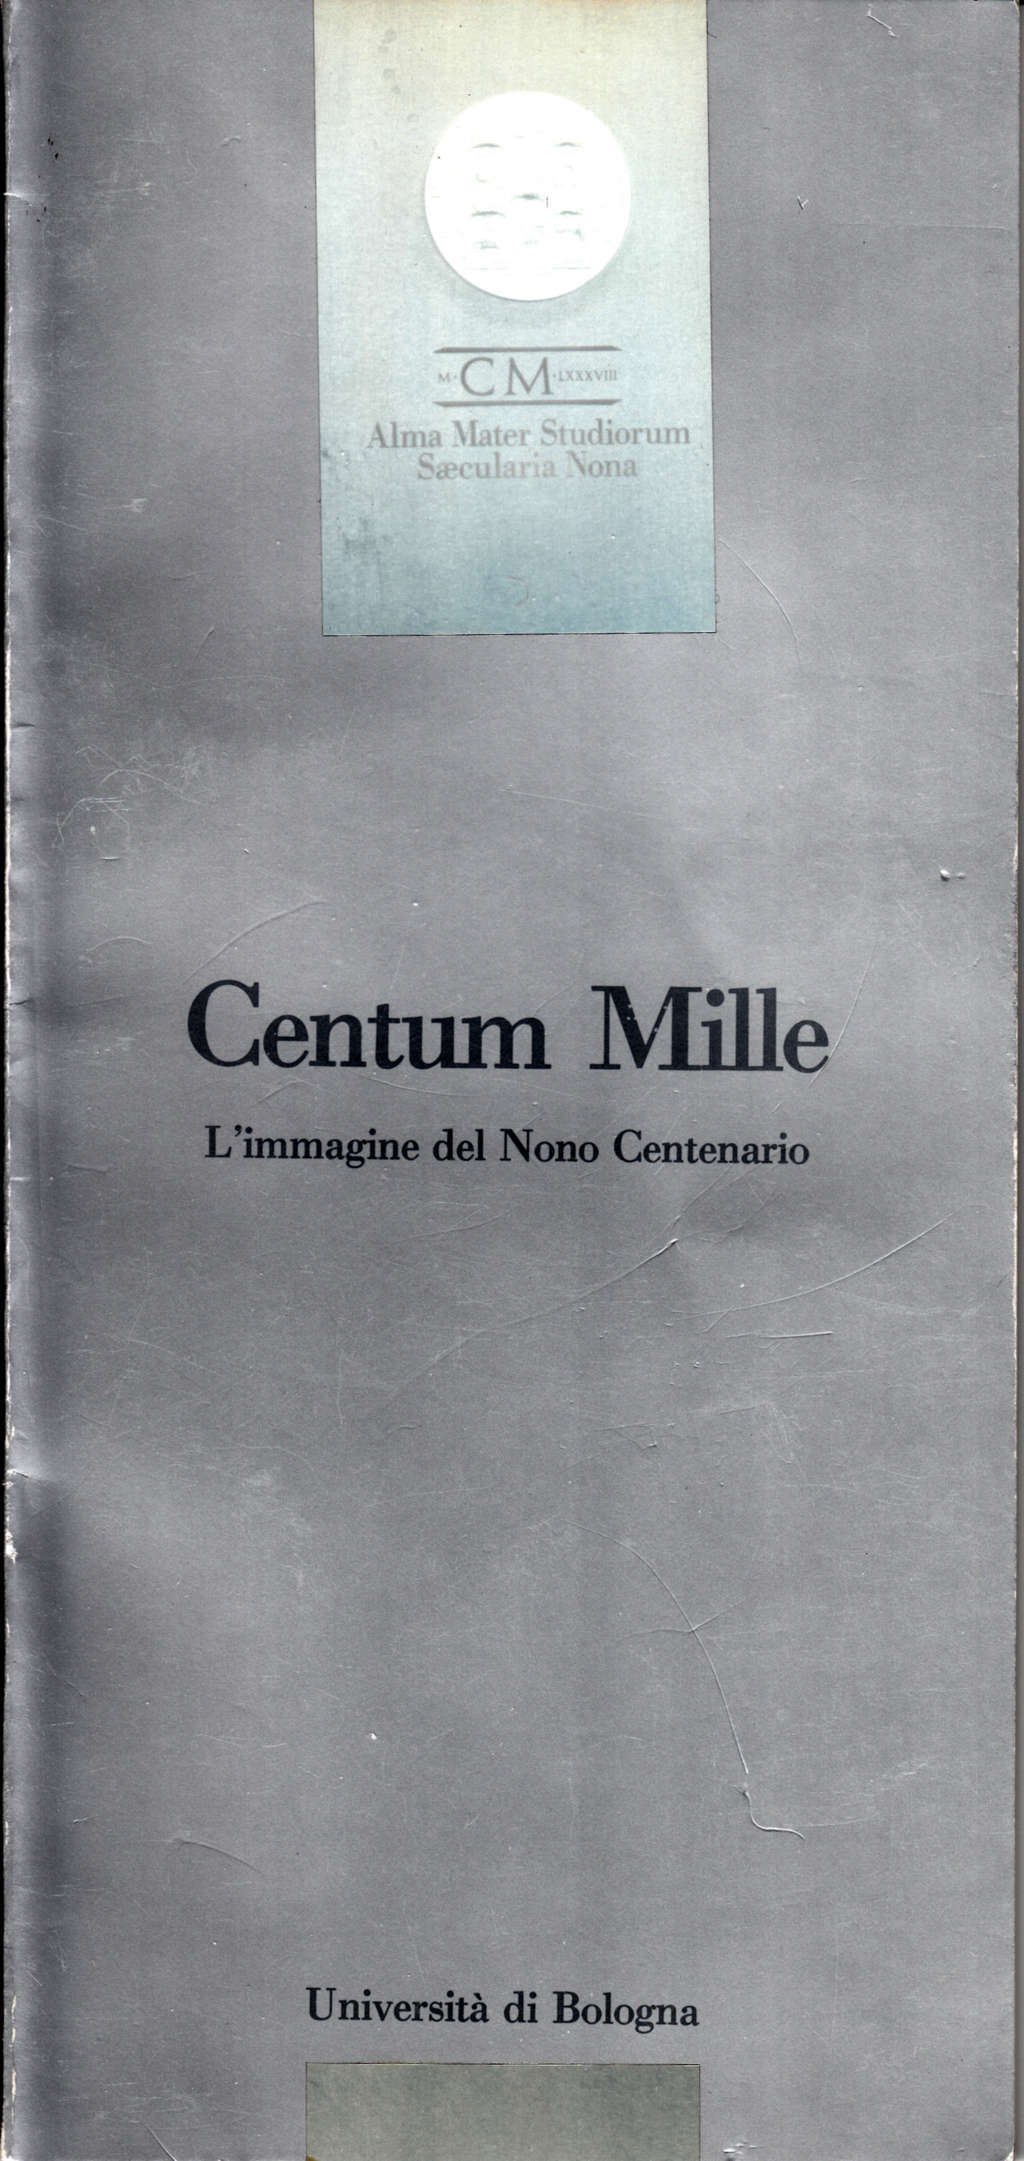 Centum Mille